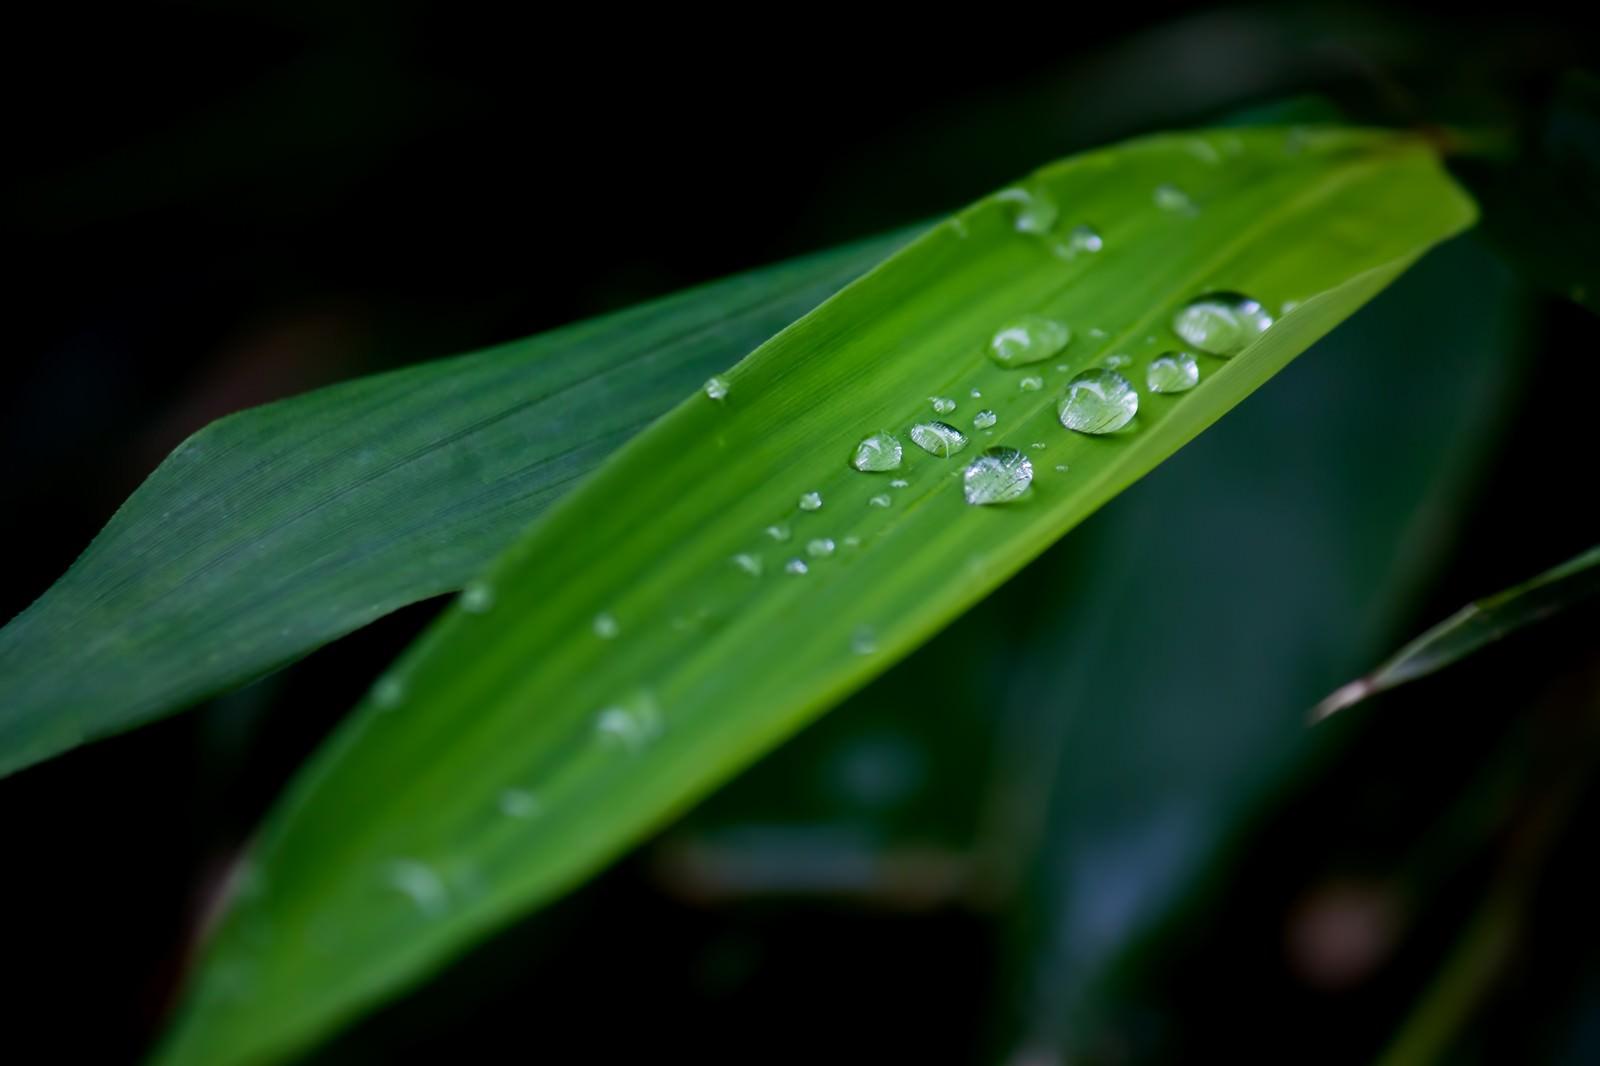 「水滴がついた笹の葉 | 写真の無料素材・フリー素材 - ぱくたそ」の写真